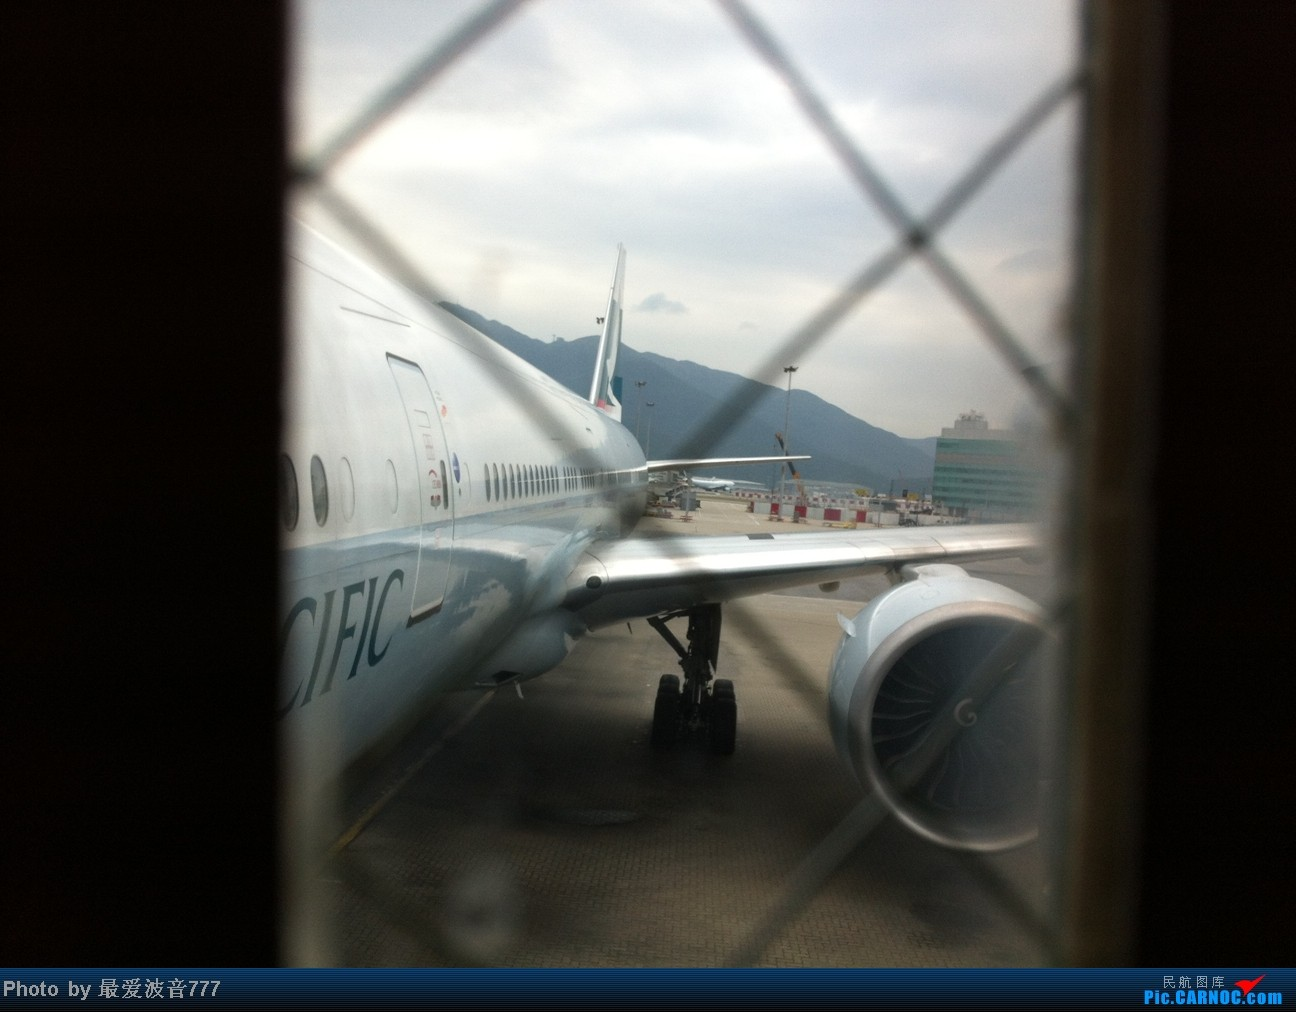 Re:[原创]假期的回国往返之旅 LHR-HKG-CTU-HKG-LHR, CX+CA+KA联合运营